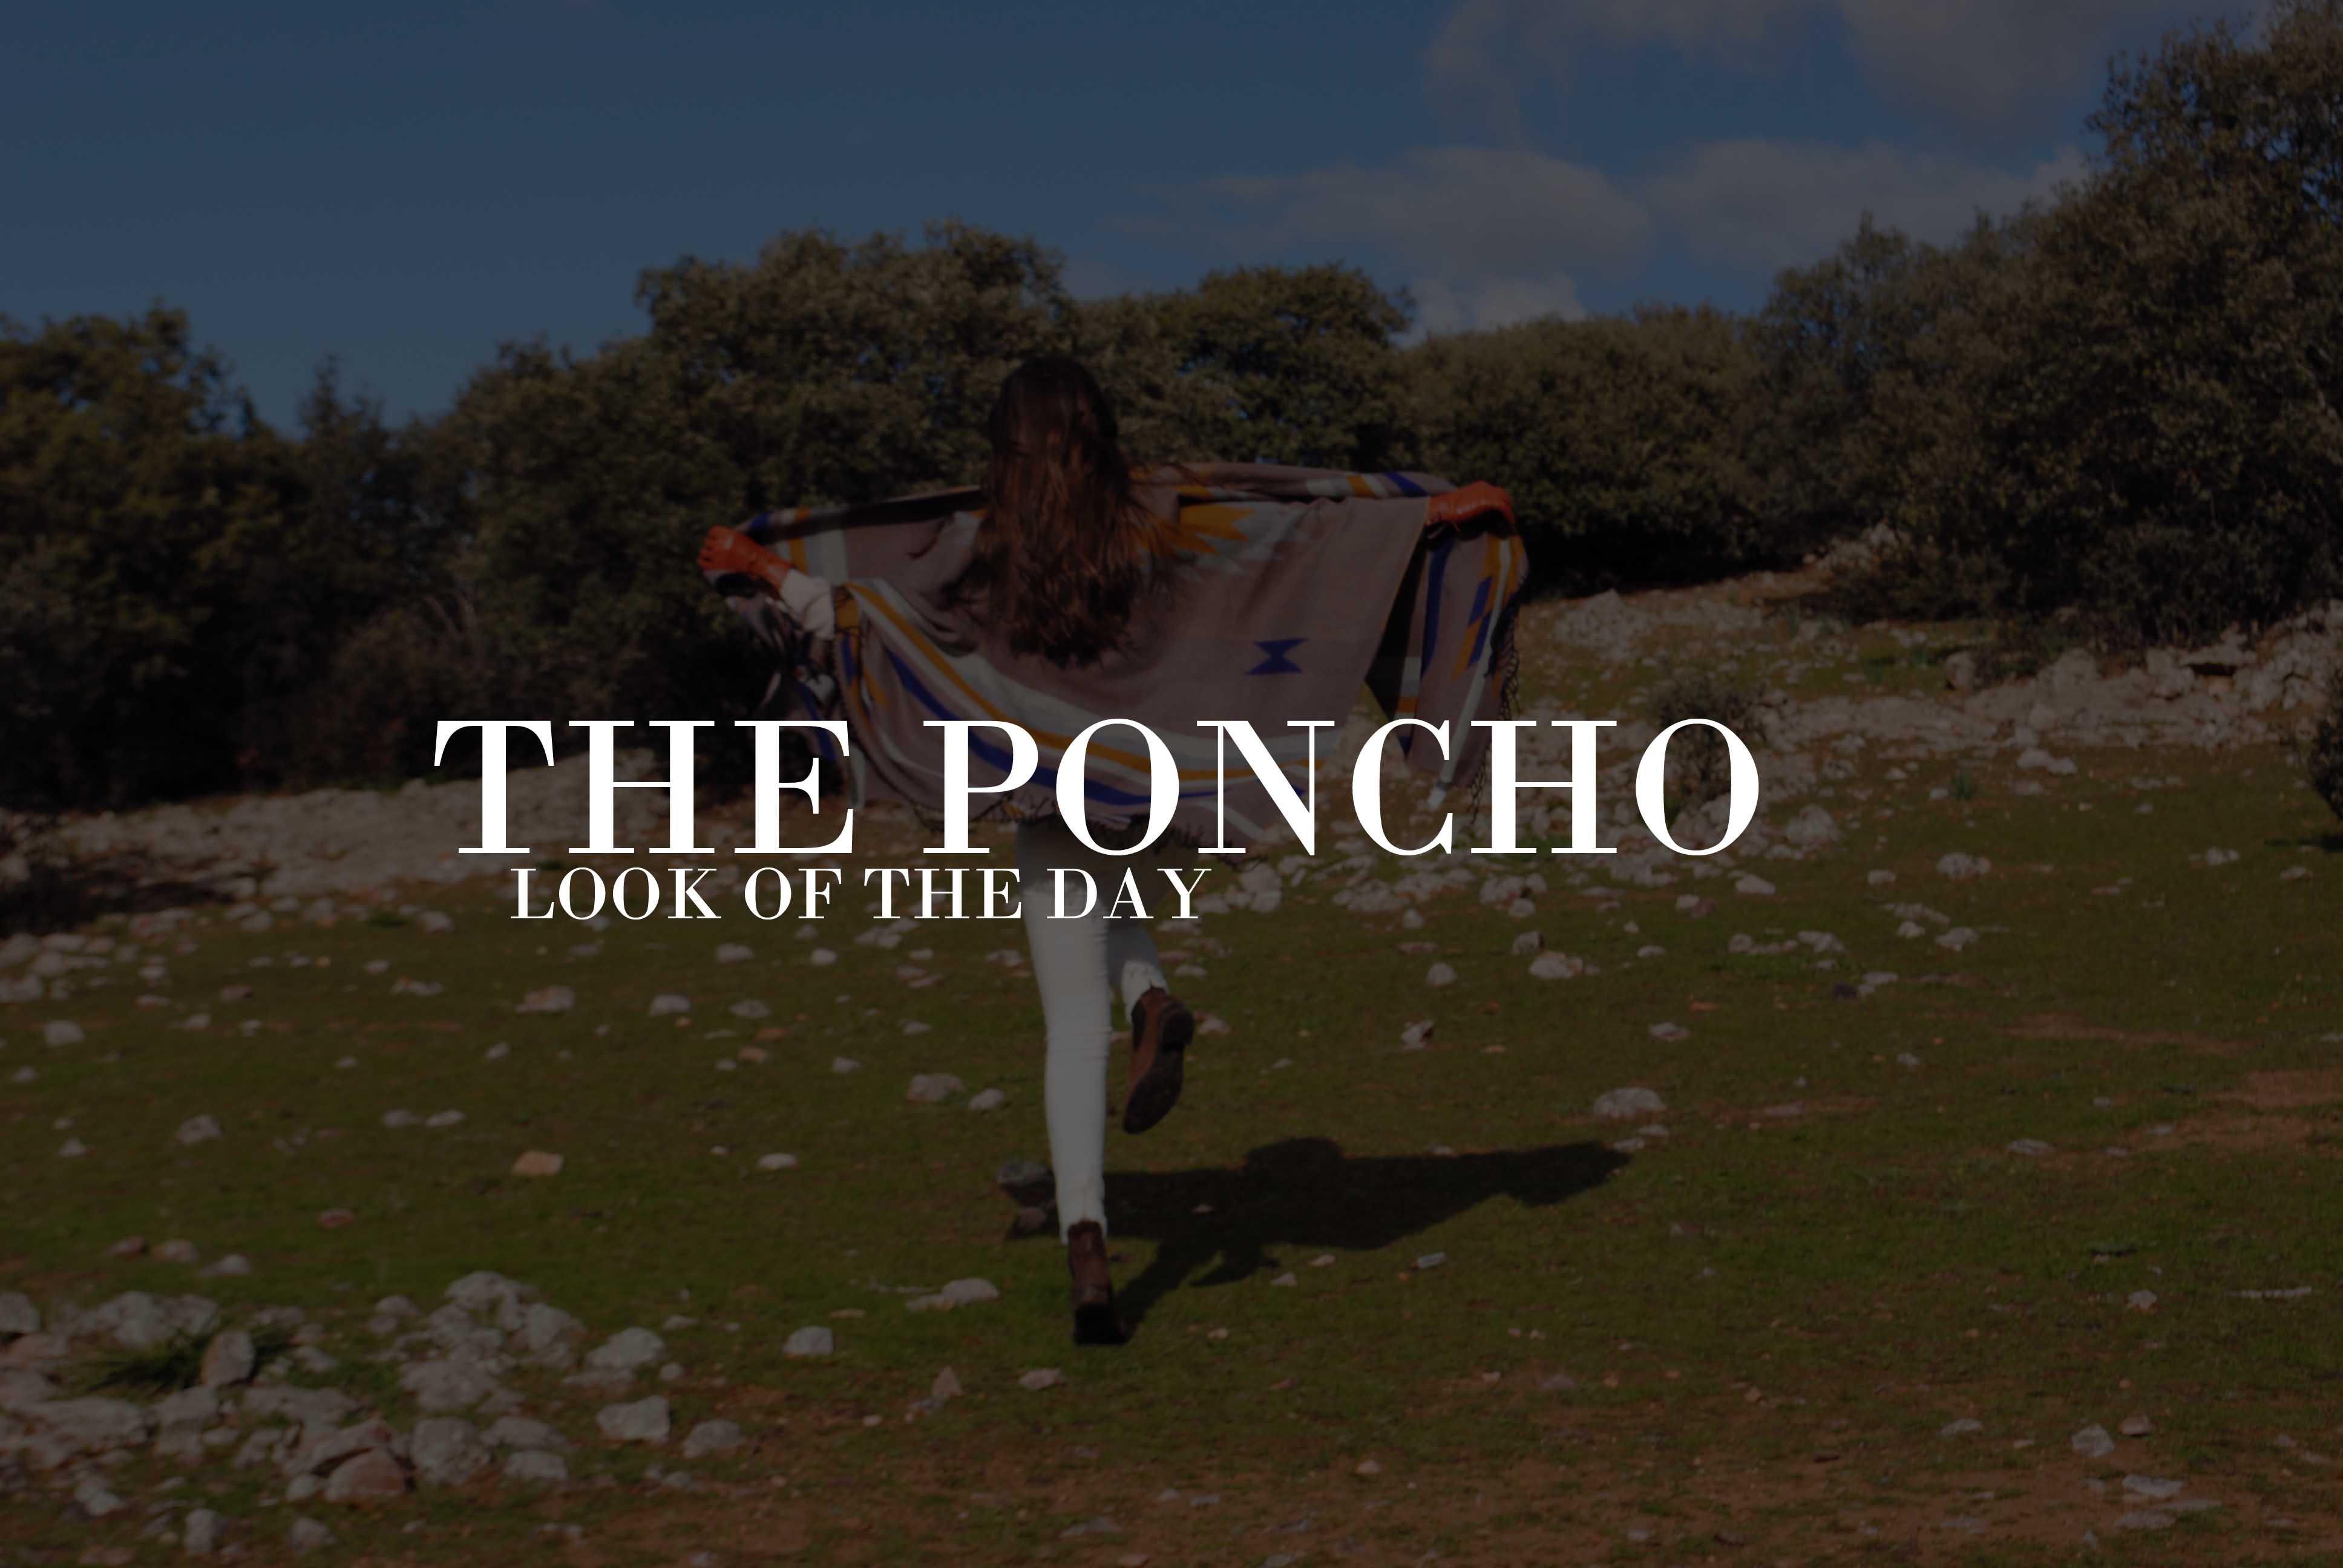 THE PONCHO-49697-olindastyle